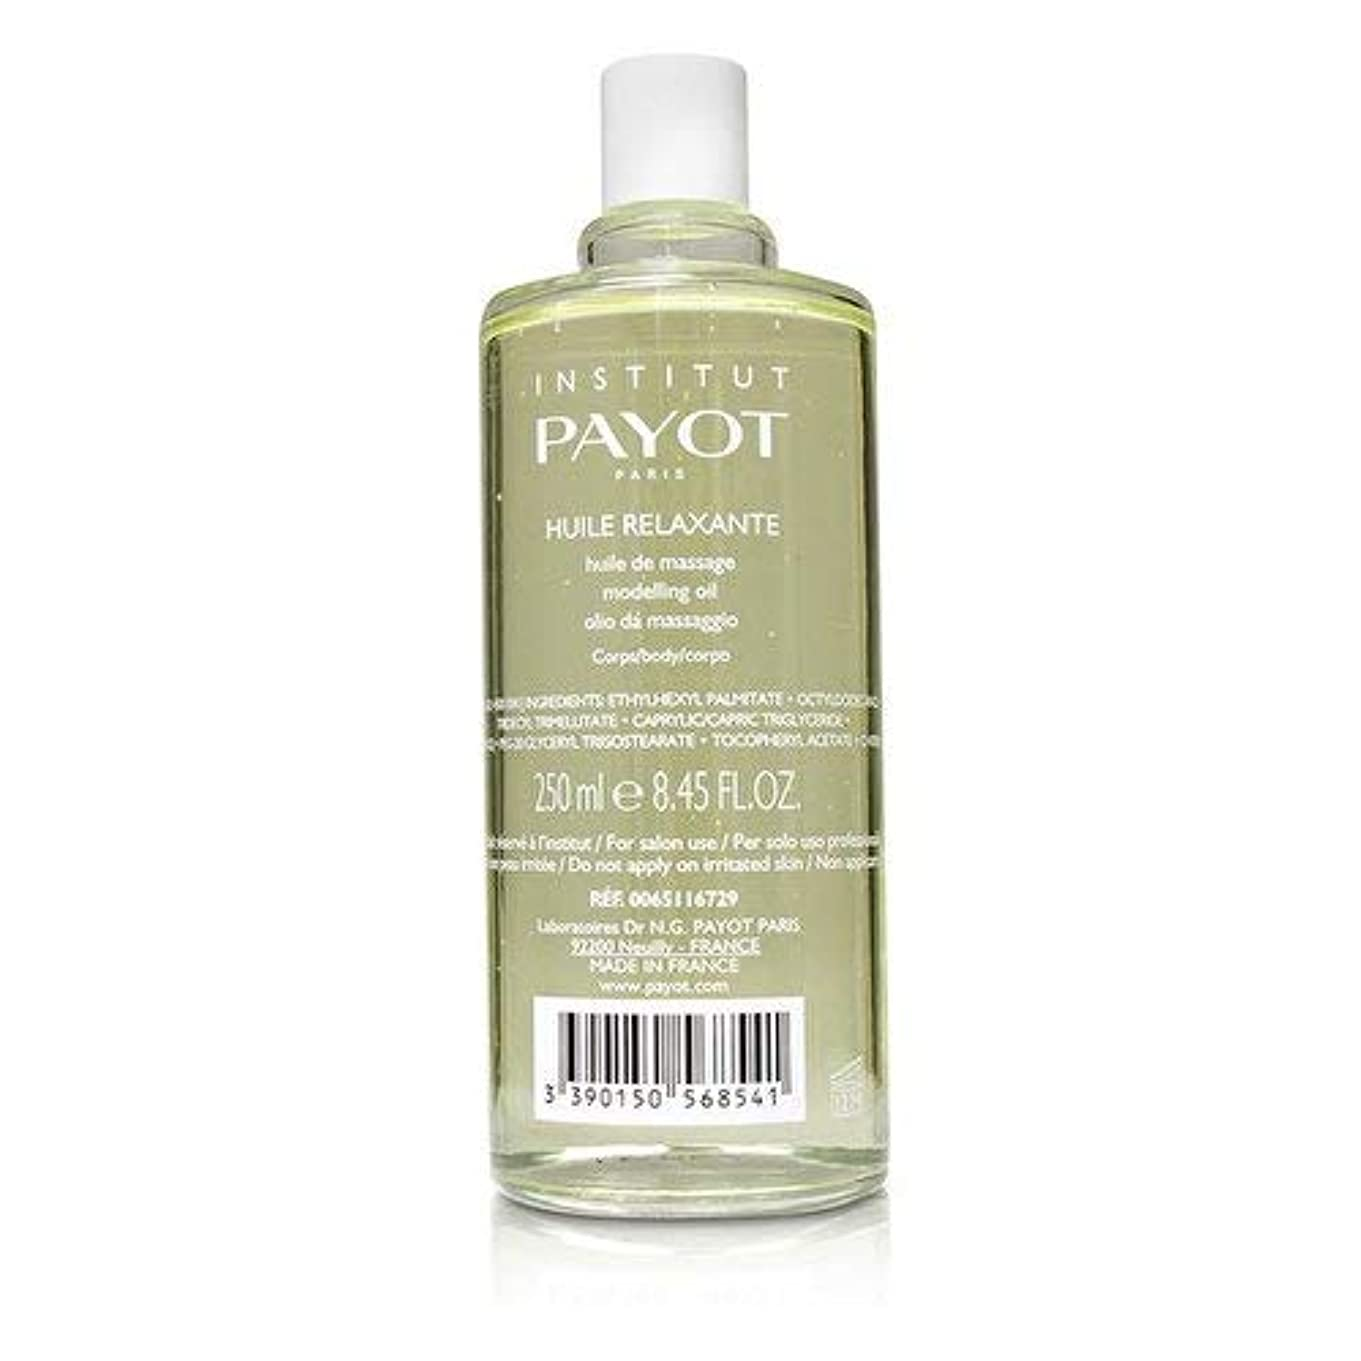 肌寒い加速度ベテランパイヨ Huile Relaxante - Body Massage Oil (Jasmine & White Tea) (Salon Product) 250ml/8.45oz並行輸入品